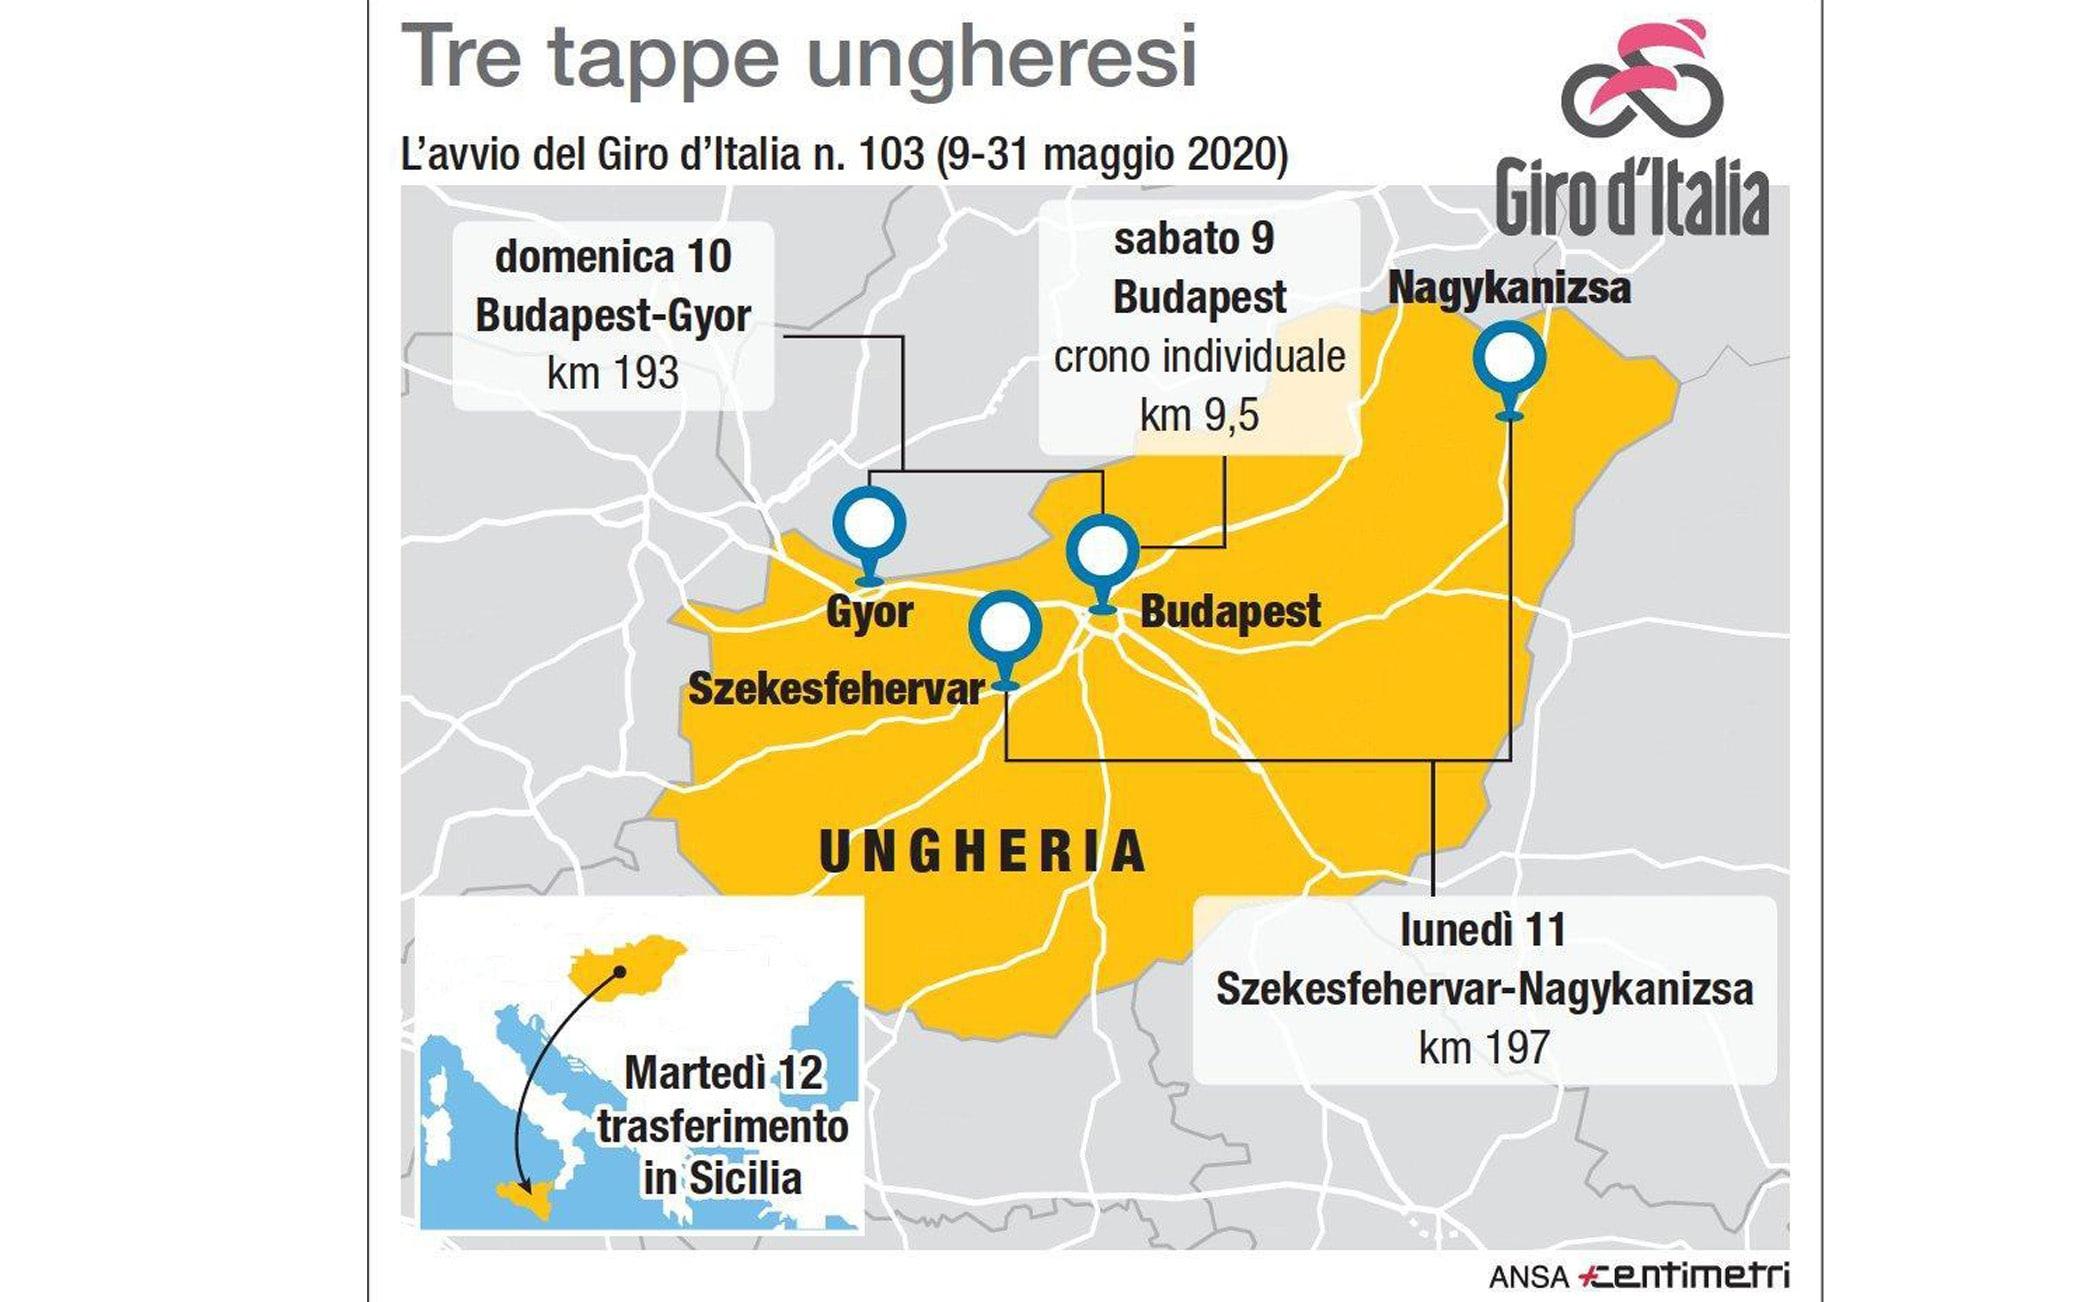 Giro d'Italia 2020, un politico ungherese annuncia: cancellata la Grande Partenza